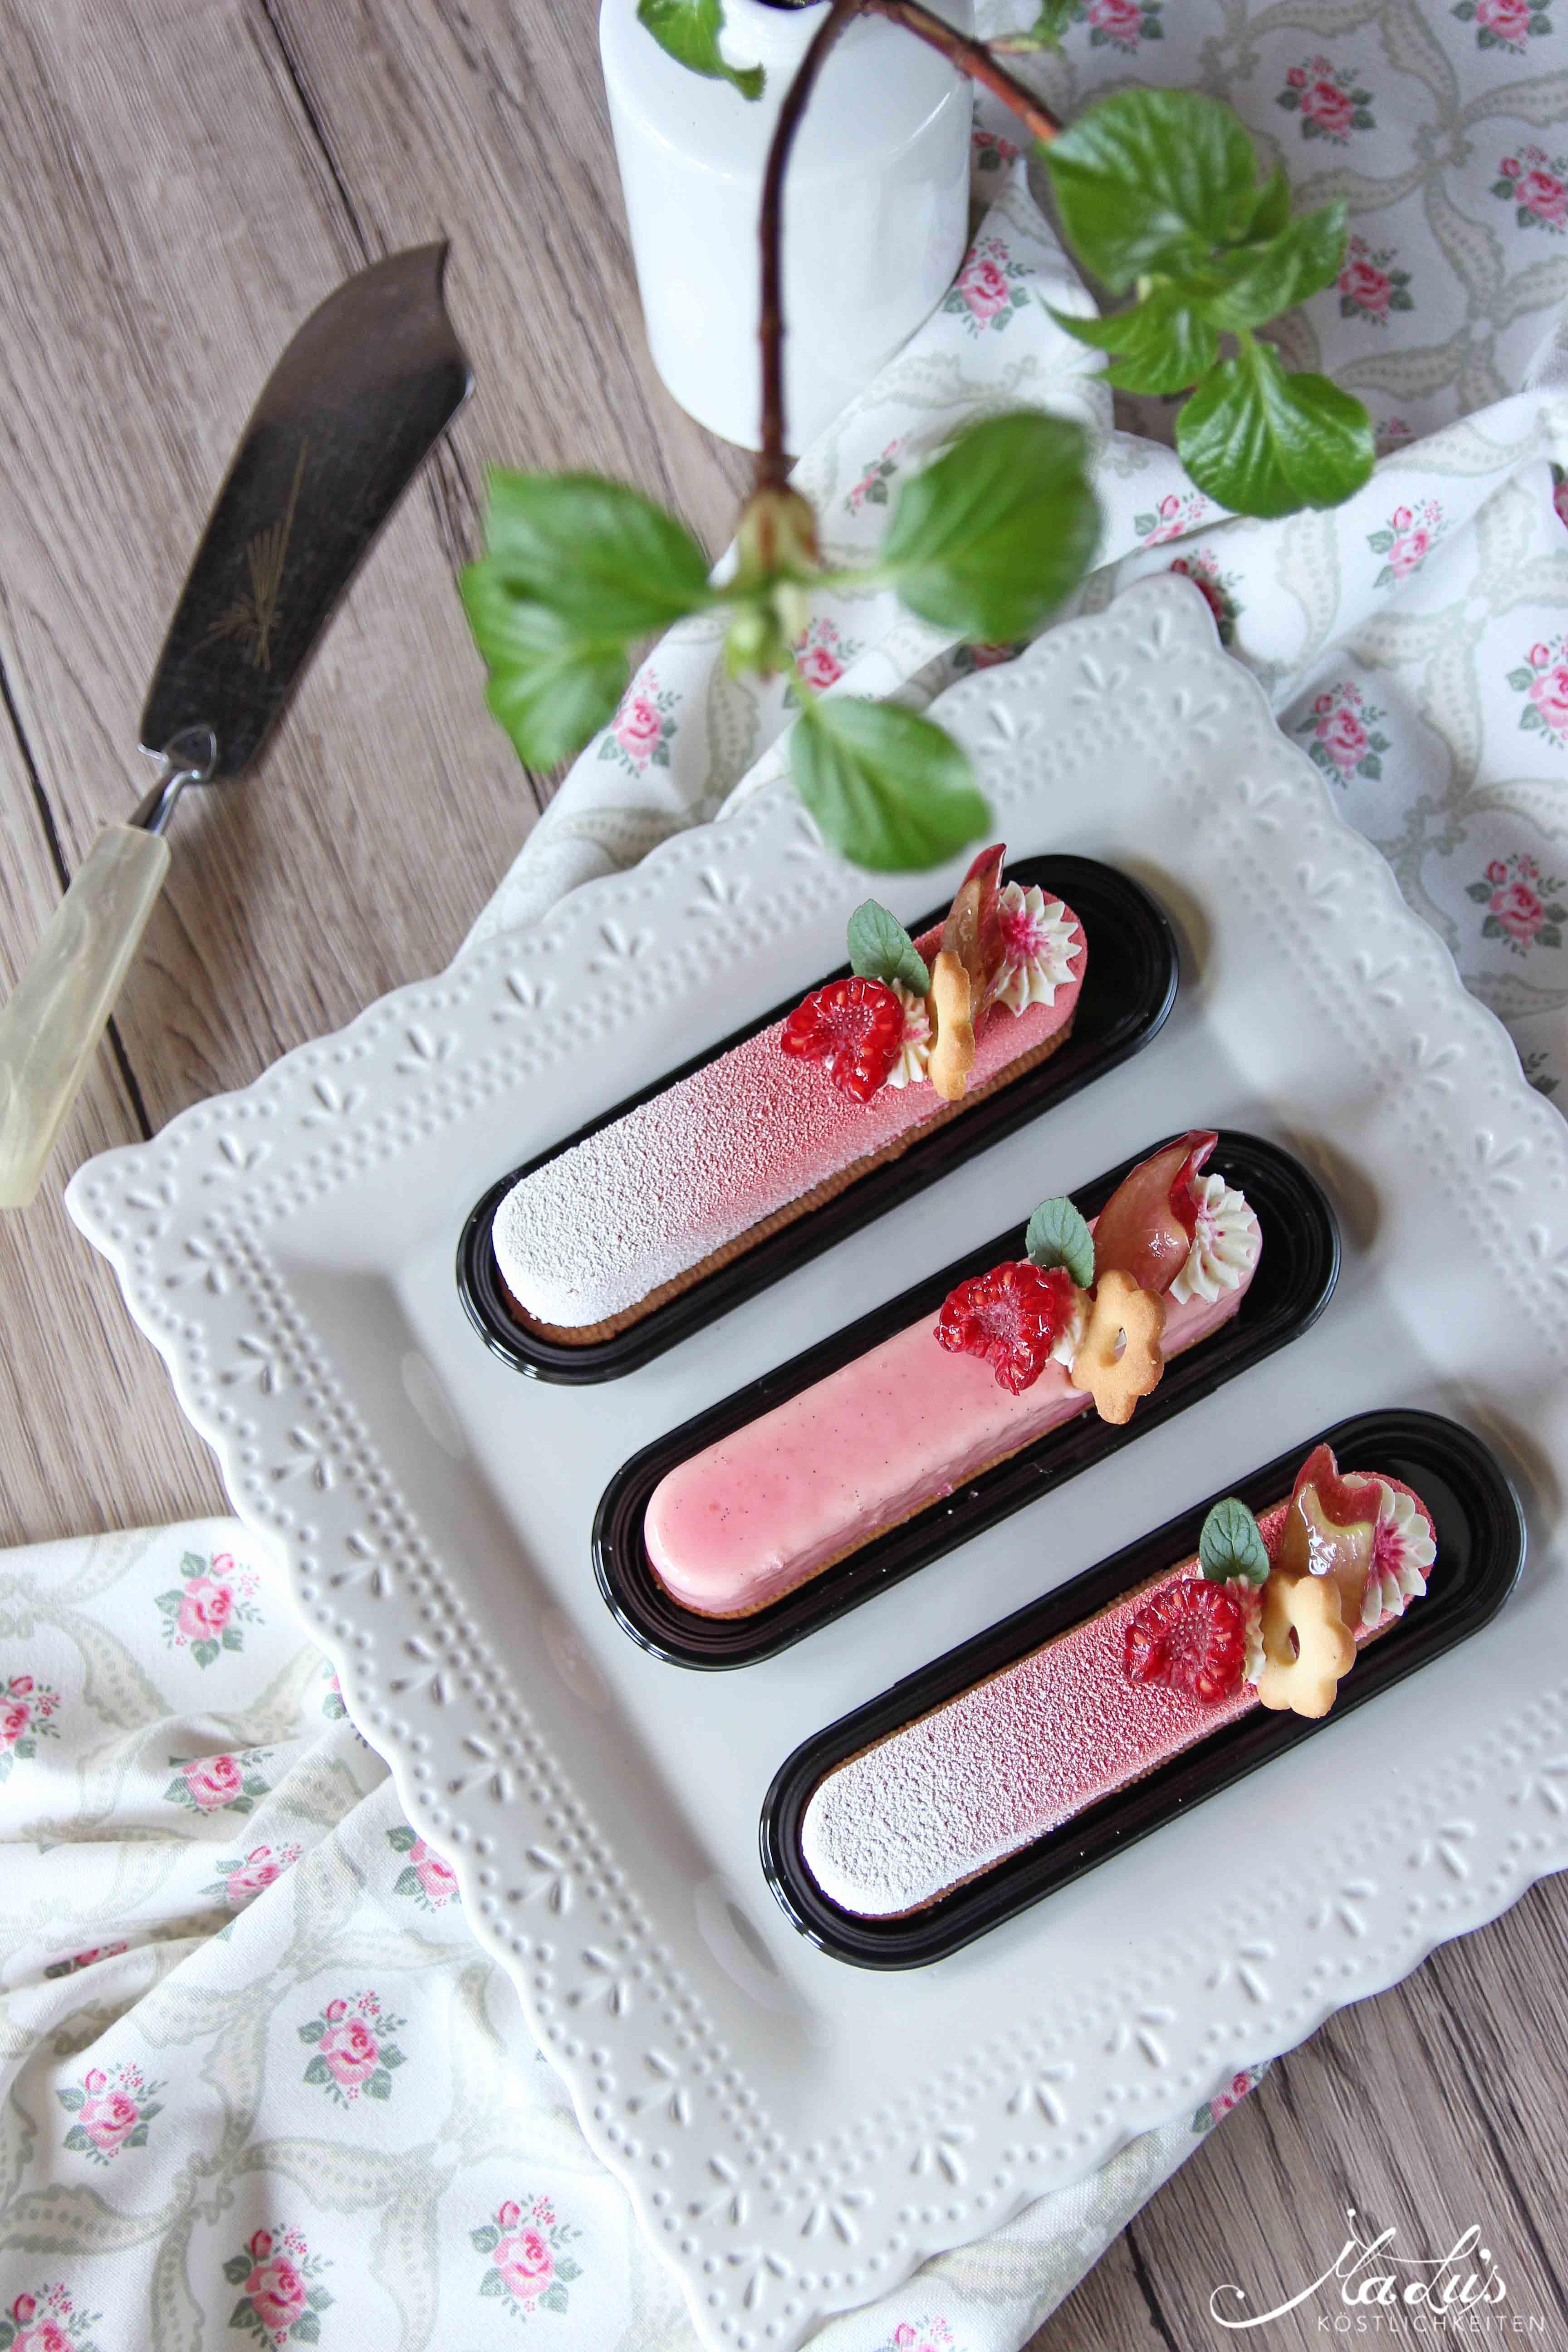 Rhabarber-Himbeer-Vanille Törtchen | MaLu's Köstlichkeiten